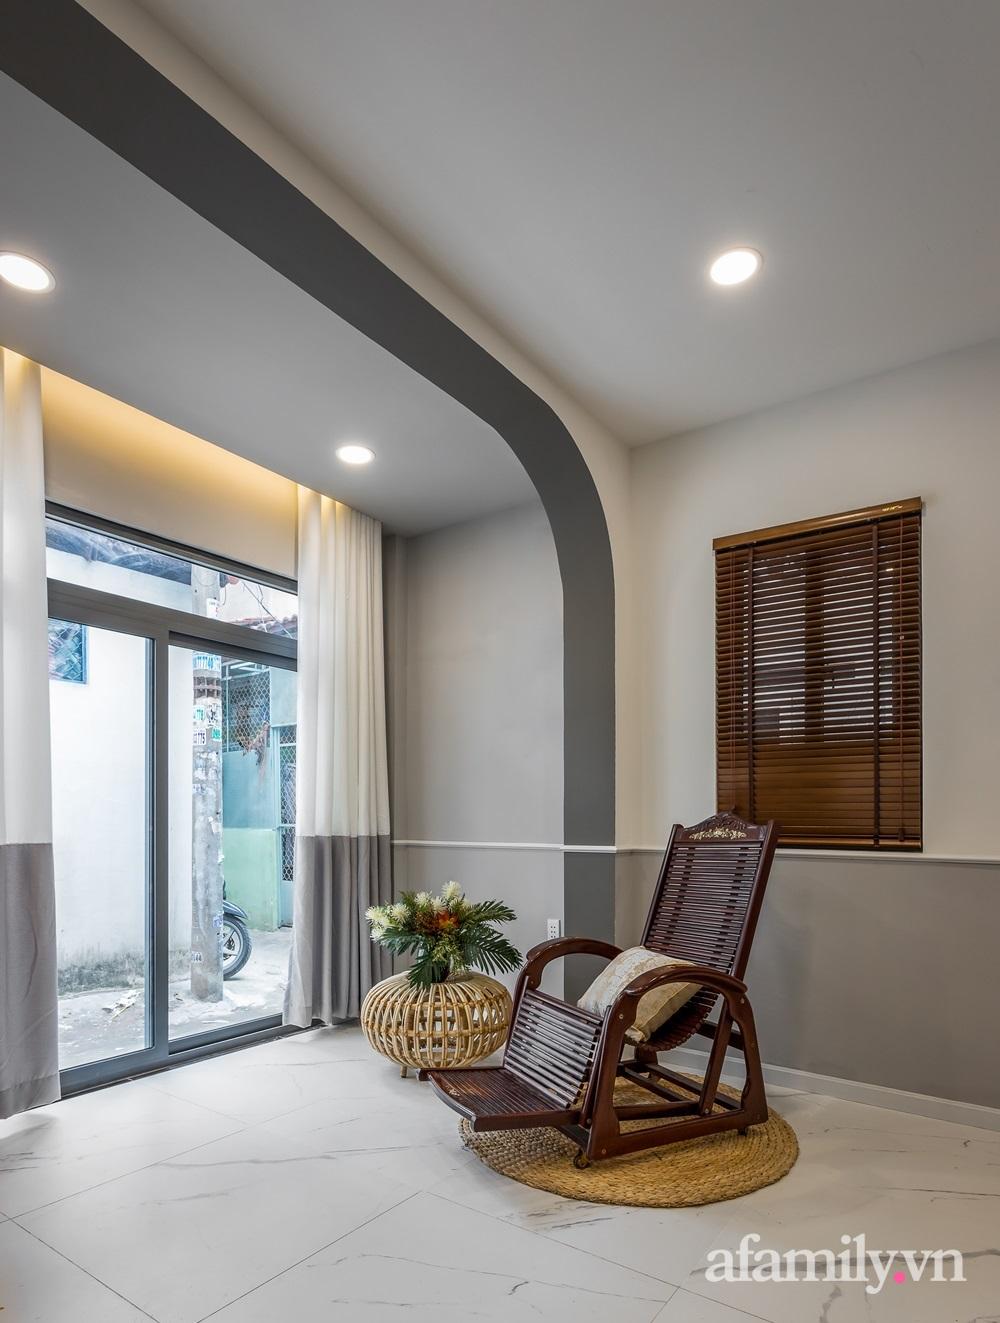 Căn nhà phố cũ kỹ rộng 80m² được cải tạo đẹp tiện nghi với gam màu sáng có chi phí 650 triệu đồng - Ảnh 14.